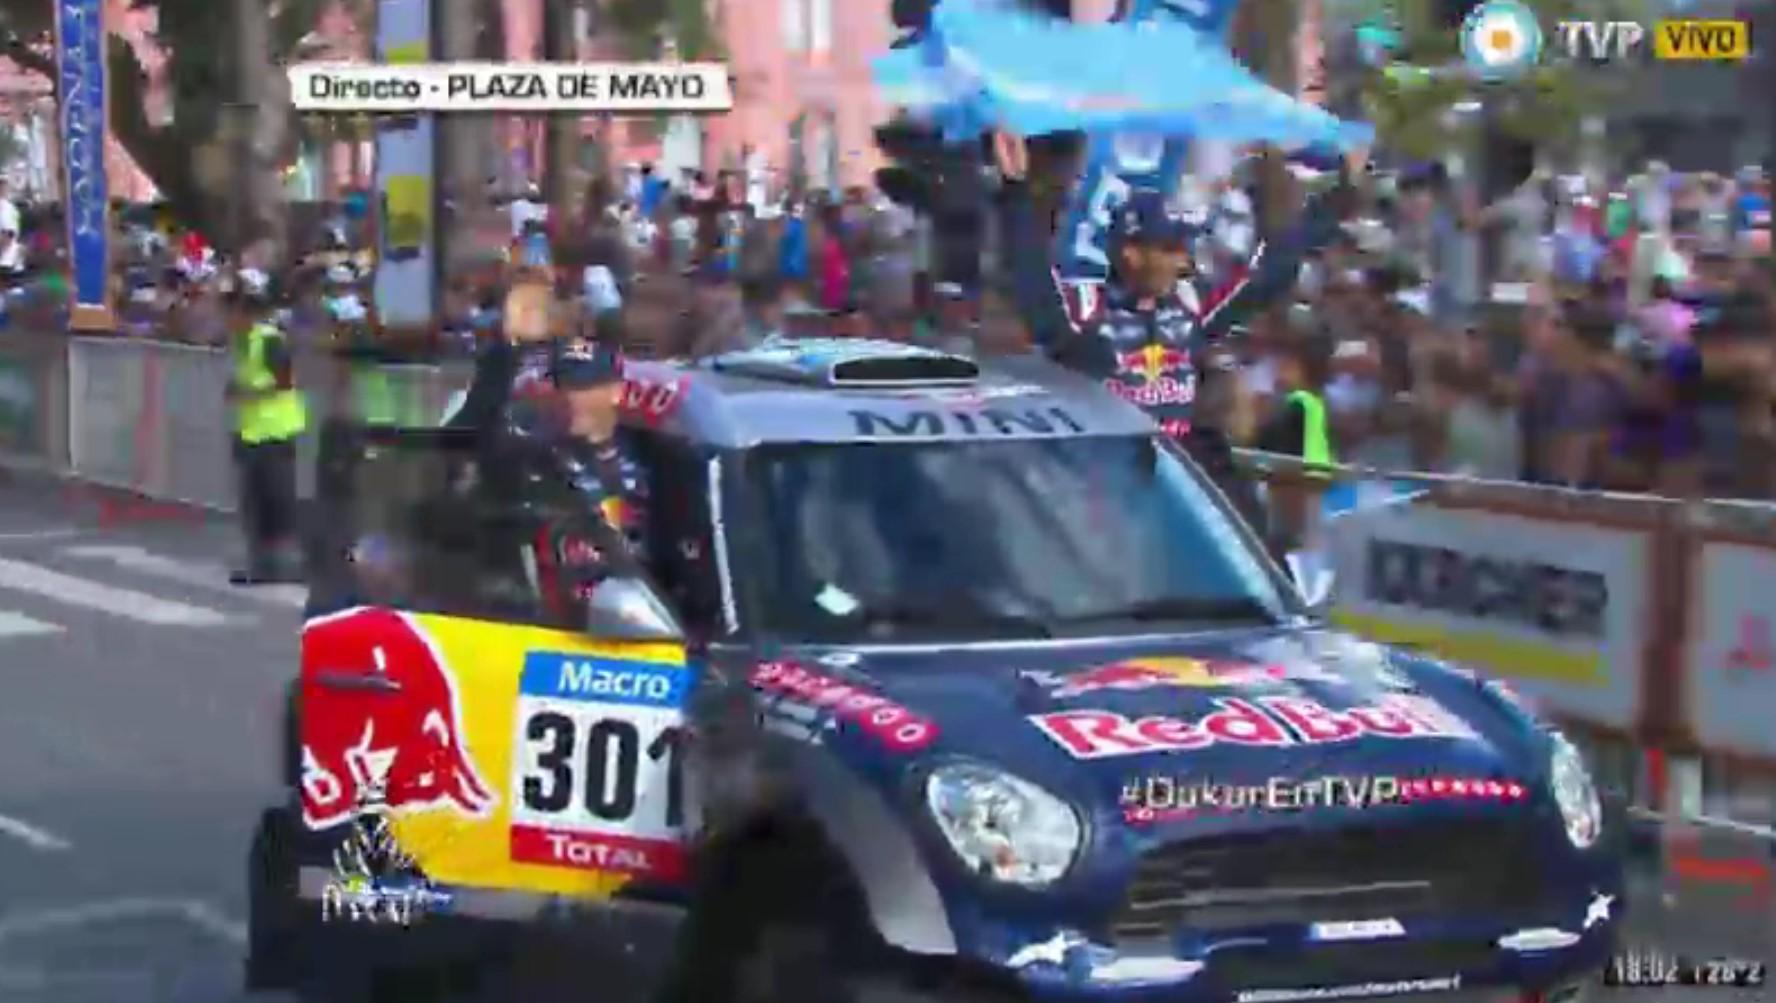 2015 Rallye Raid Dakar Argentina - Bolivia - Chile [4-17 Enero] - Página 6 B6dD3vhCEAEYq78